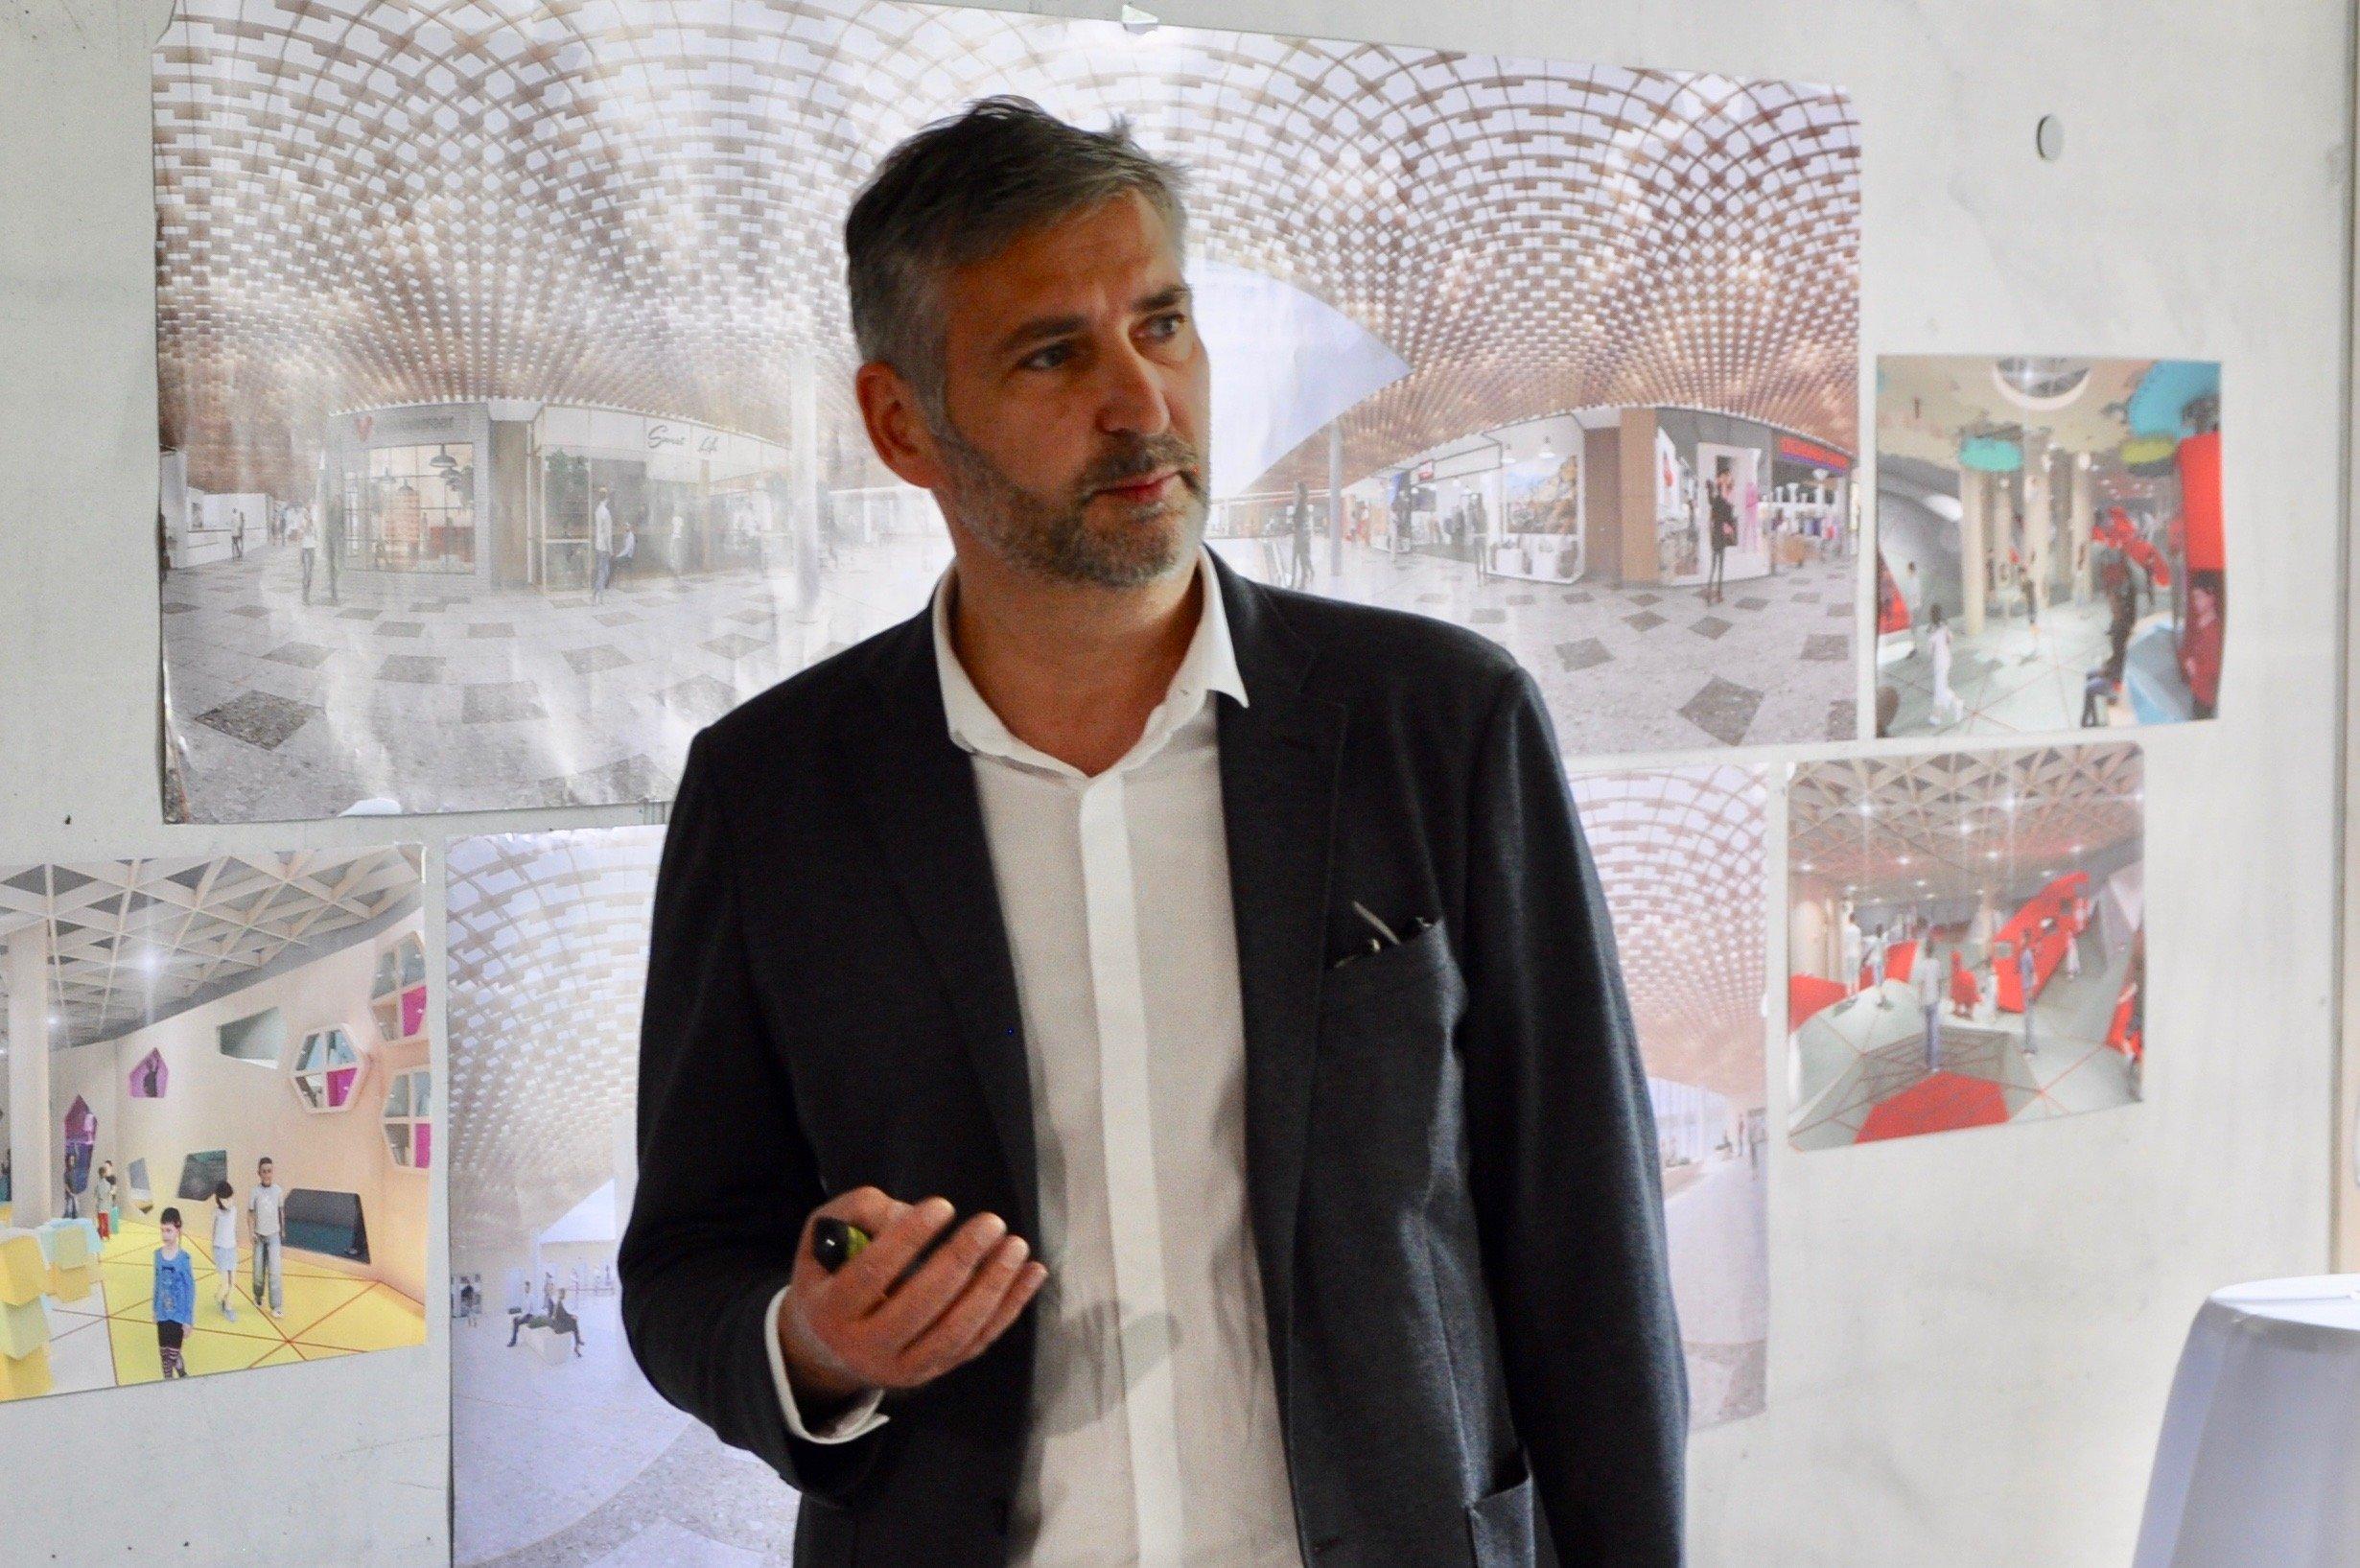 Innenarchitekt Richard Wörösch stellt das Gestaltungskonzept der Mall vor.